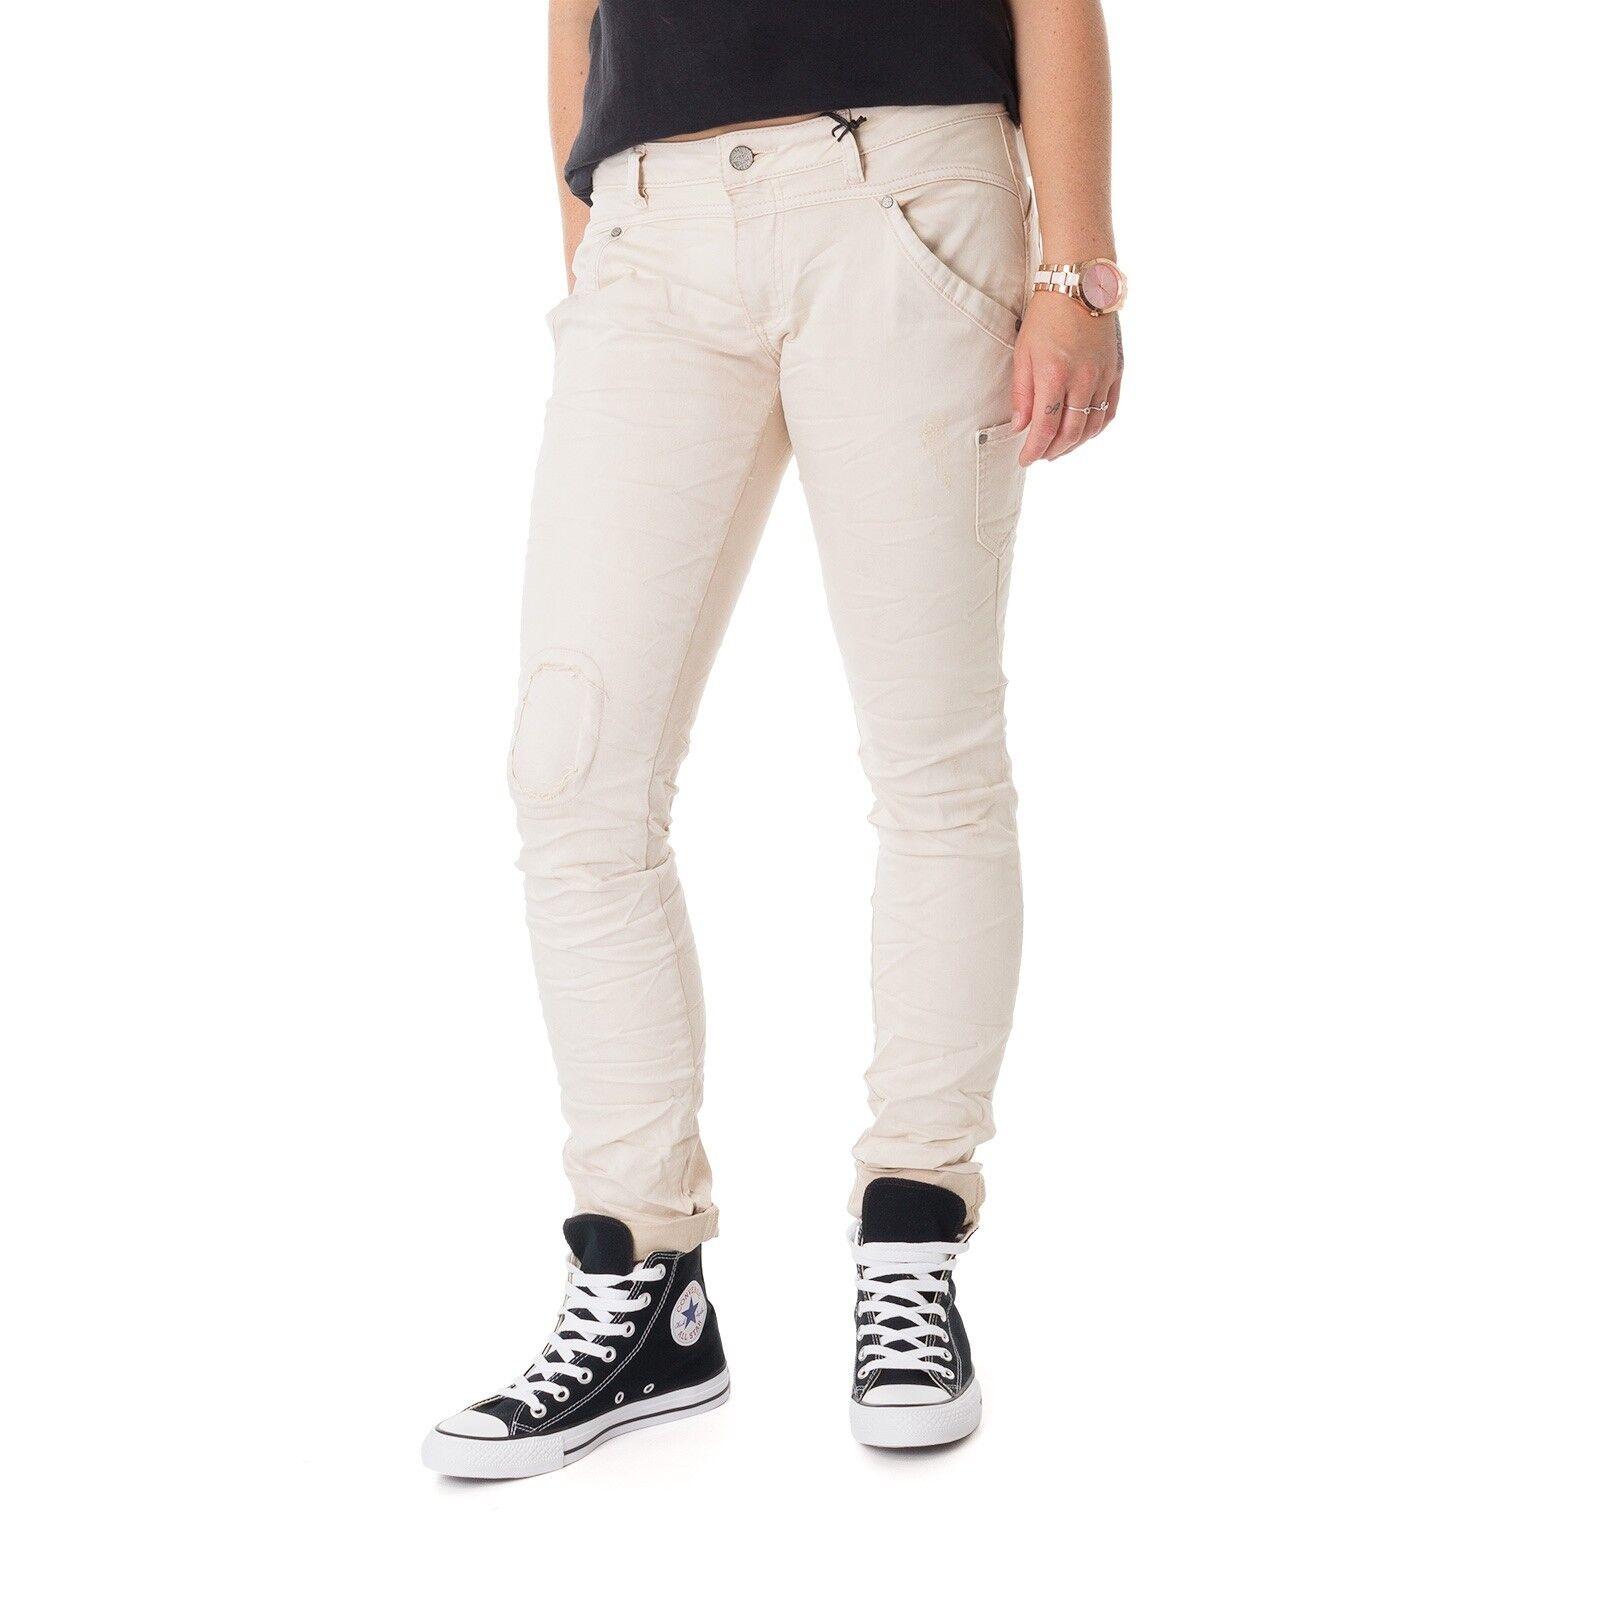 Buena Vista Milano Stretch Twill Jeans Damen Hose beige 15195